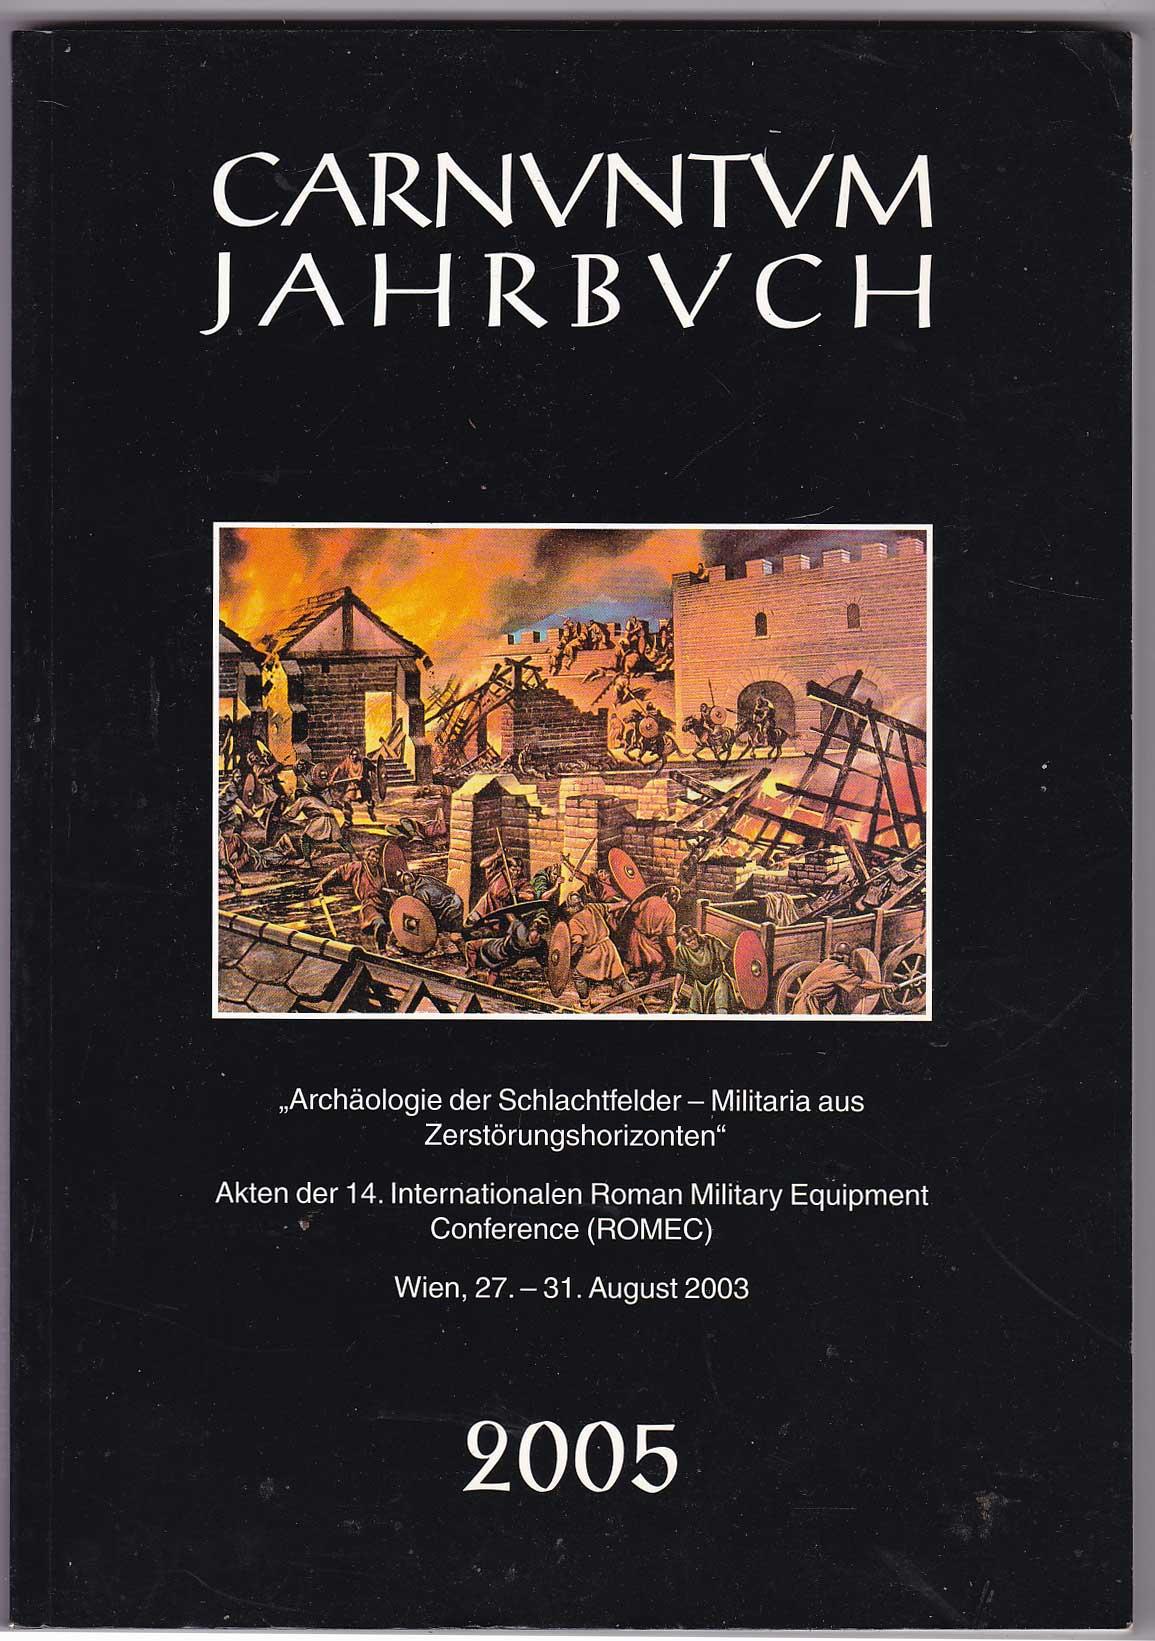 Carnuntum Jahrbuch - Zeitschrift für Archäologie und Kulturgeschichte des Donauraums 2005 - Archäologie der Schlachtfelder. Militaria aus Zerstörungshorizonten